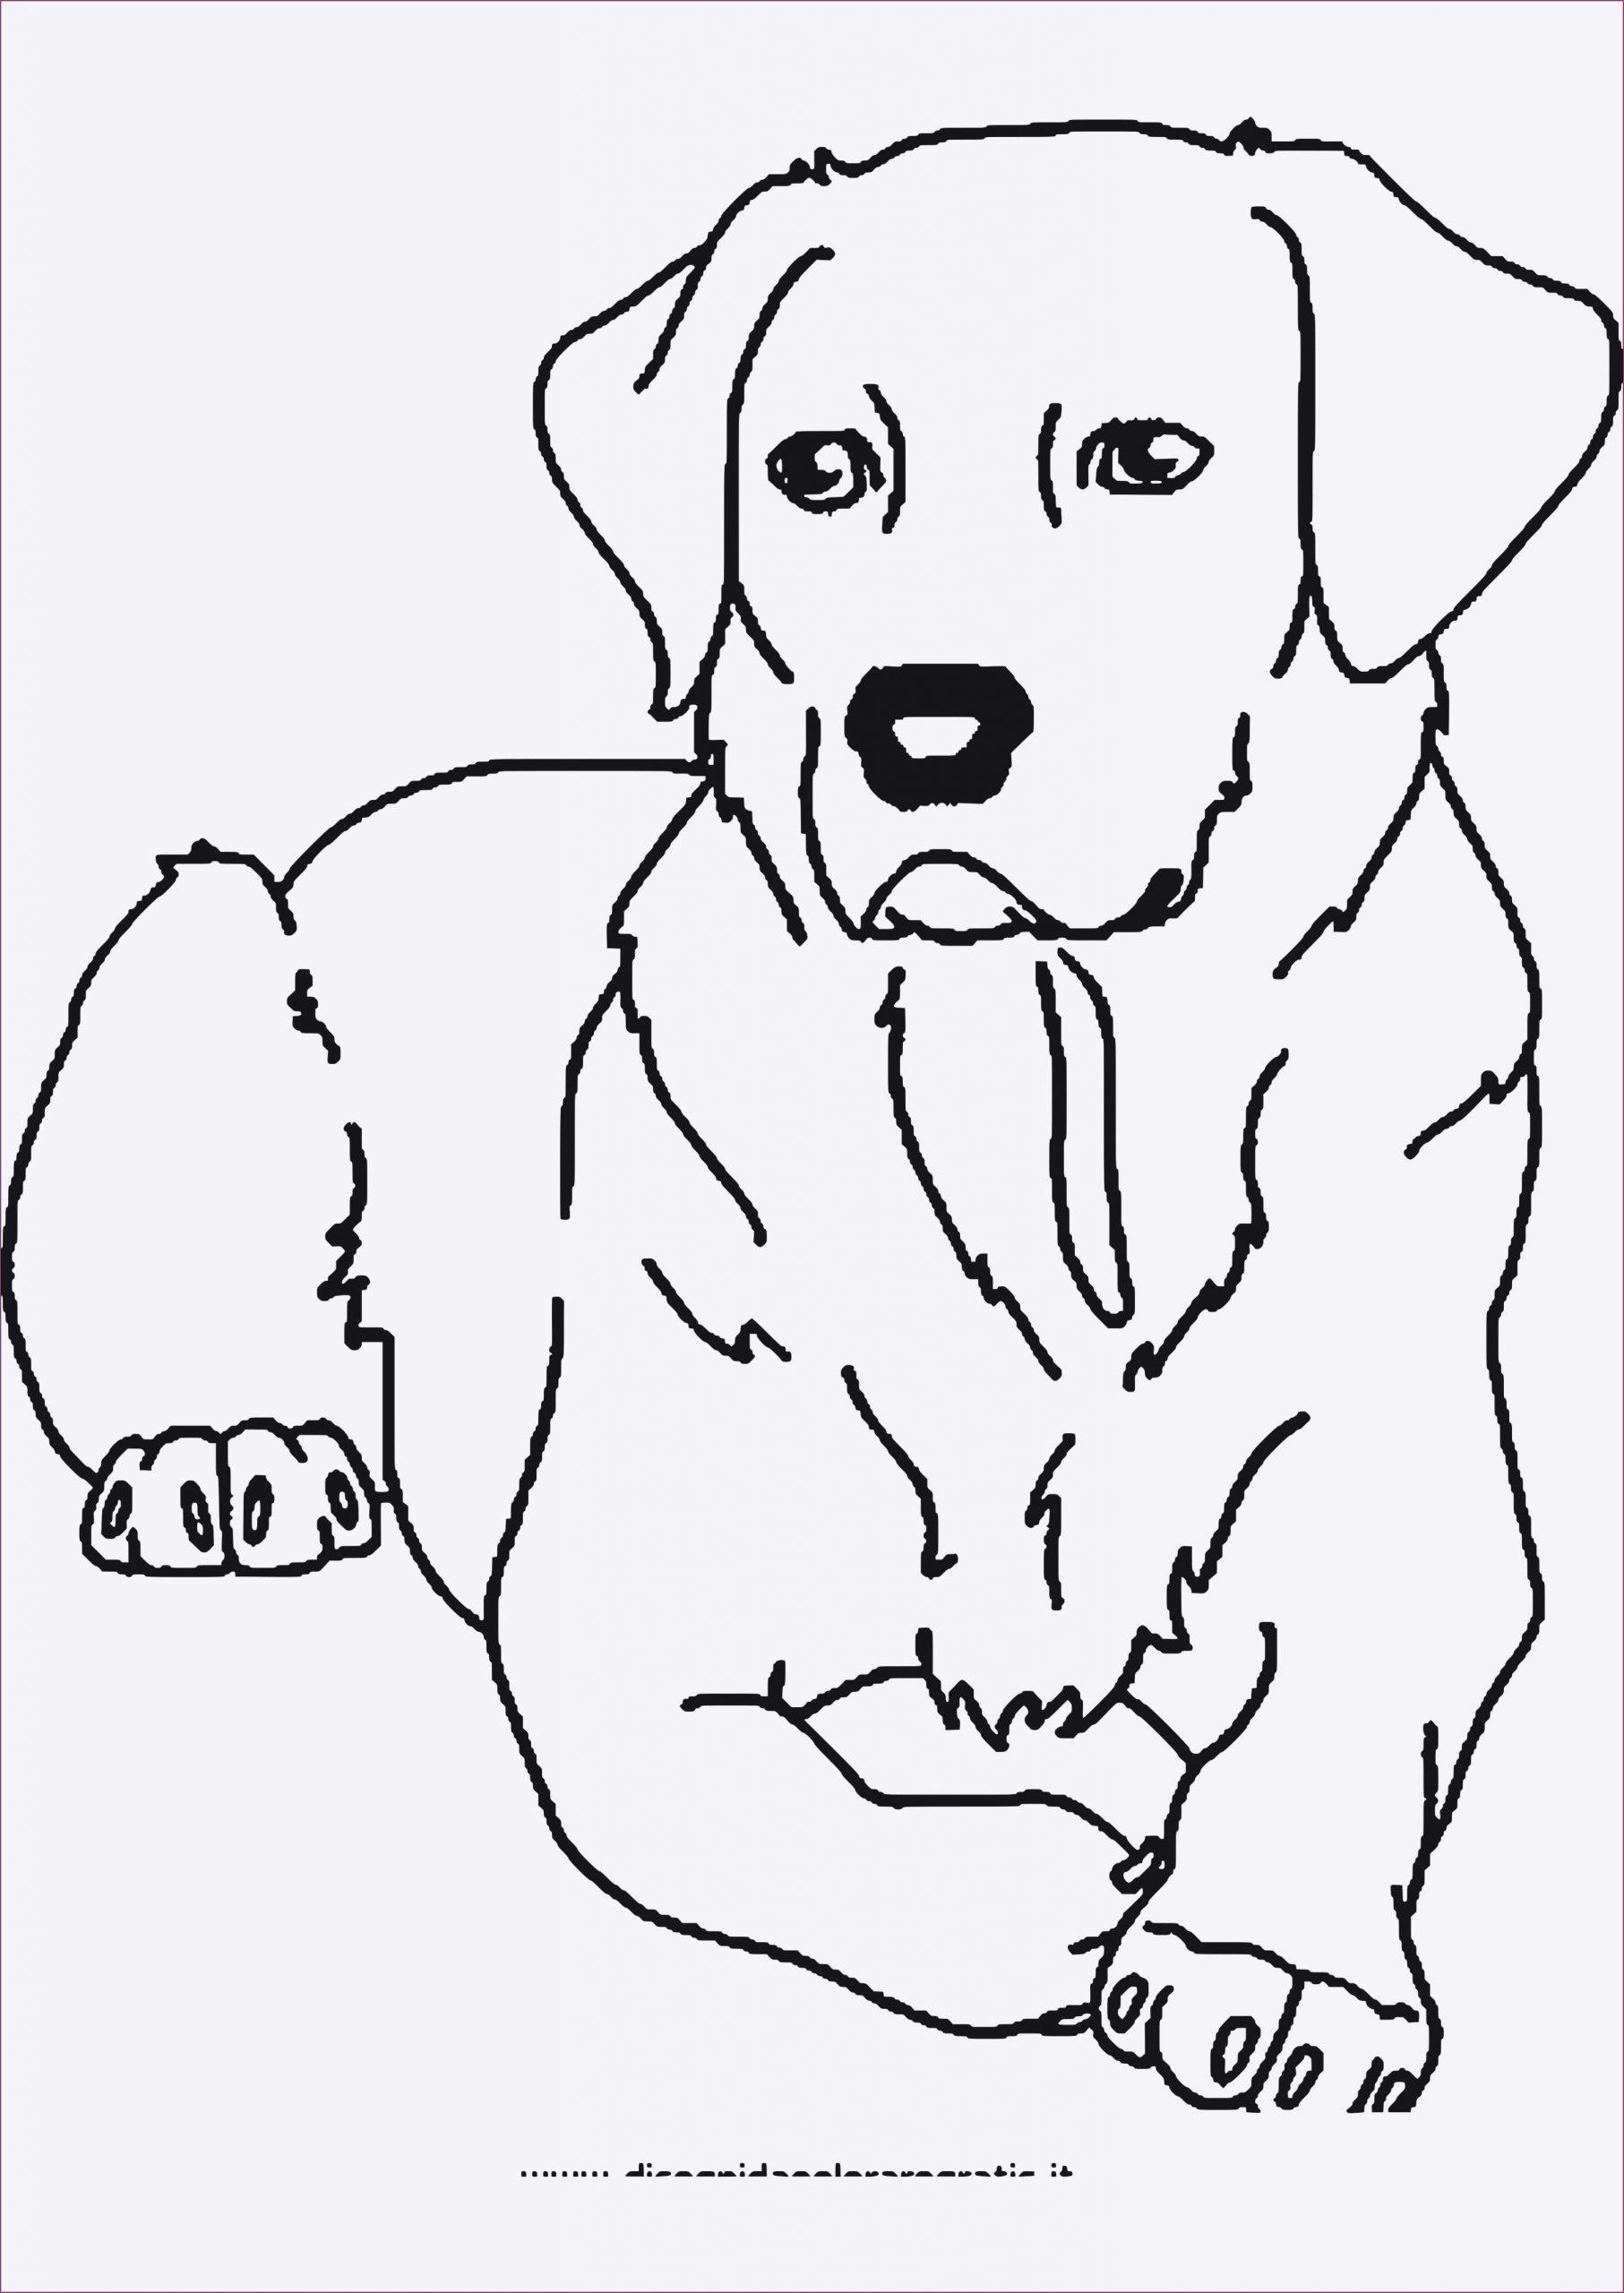 63 Luxus Ausmalbilder Tiere Kostenlos Zum Ausdrucken innen Ausmalbilder Zum Ausdrucken Tiere